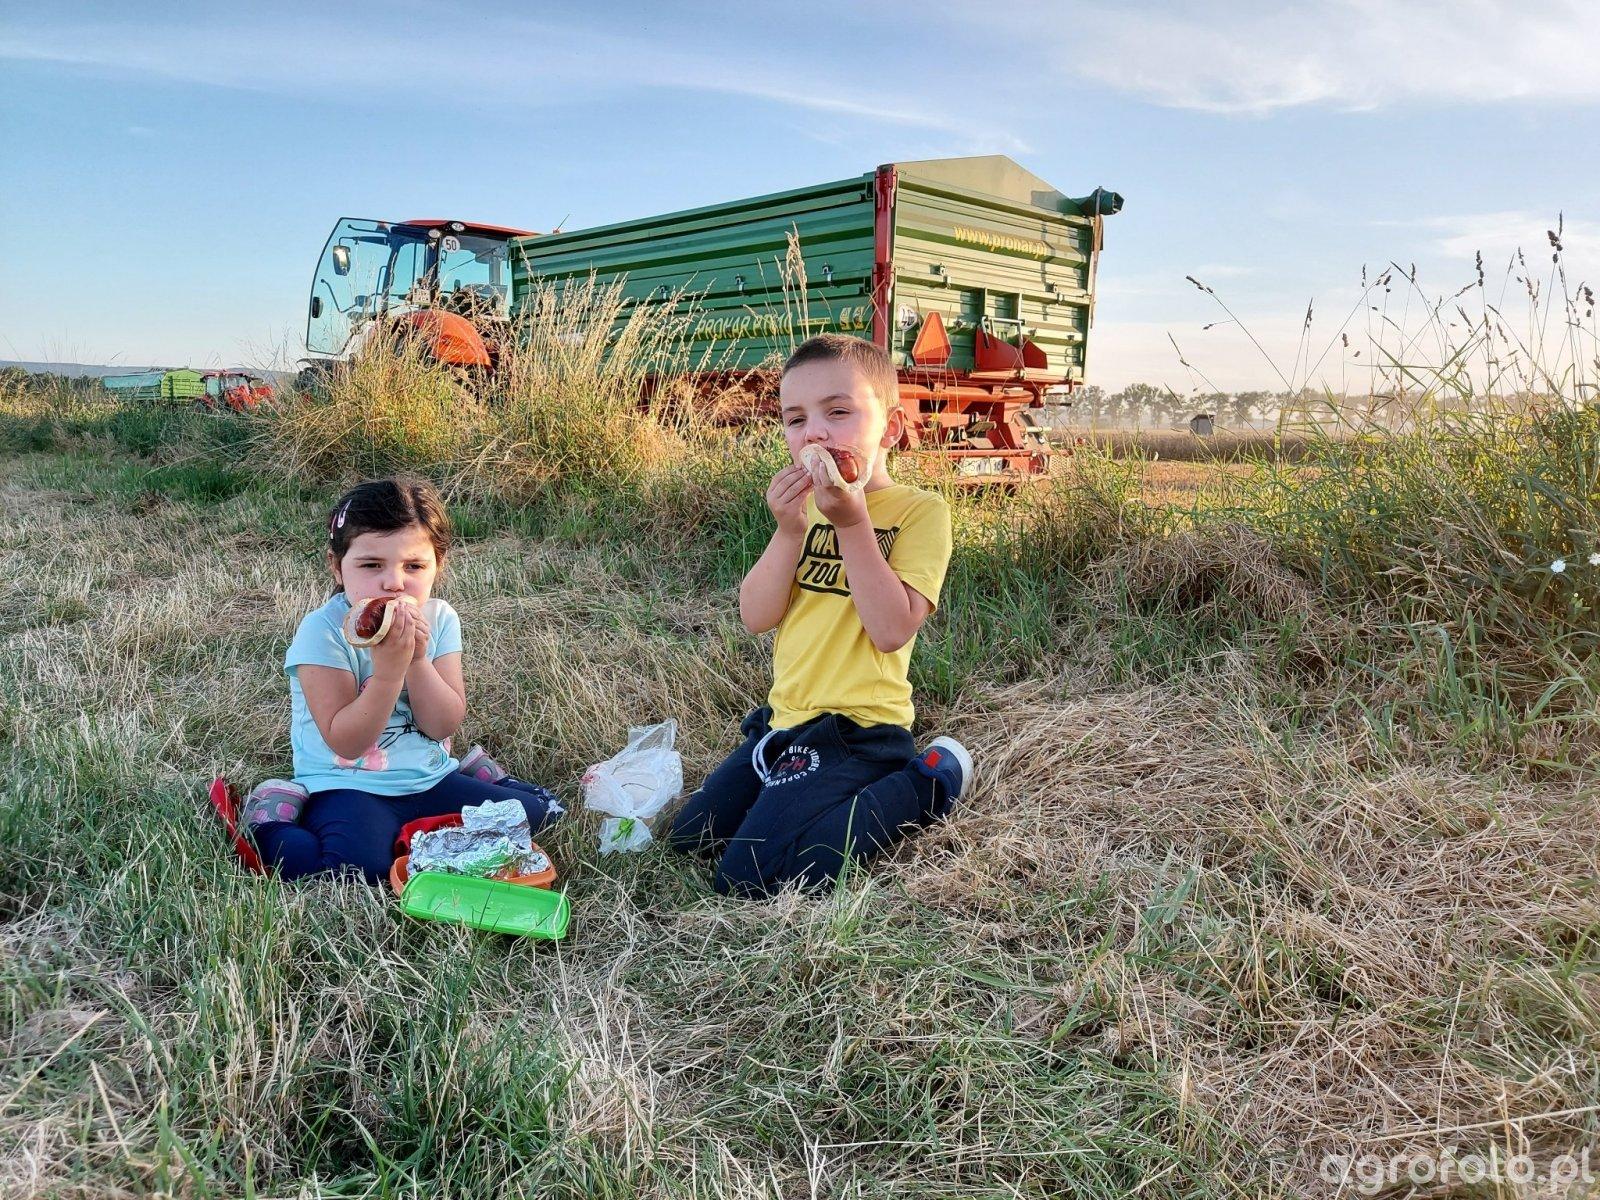 grillowana kiełbaska w polu